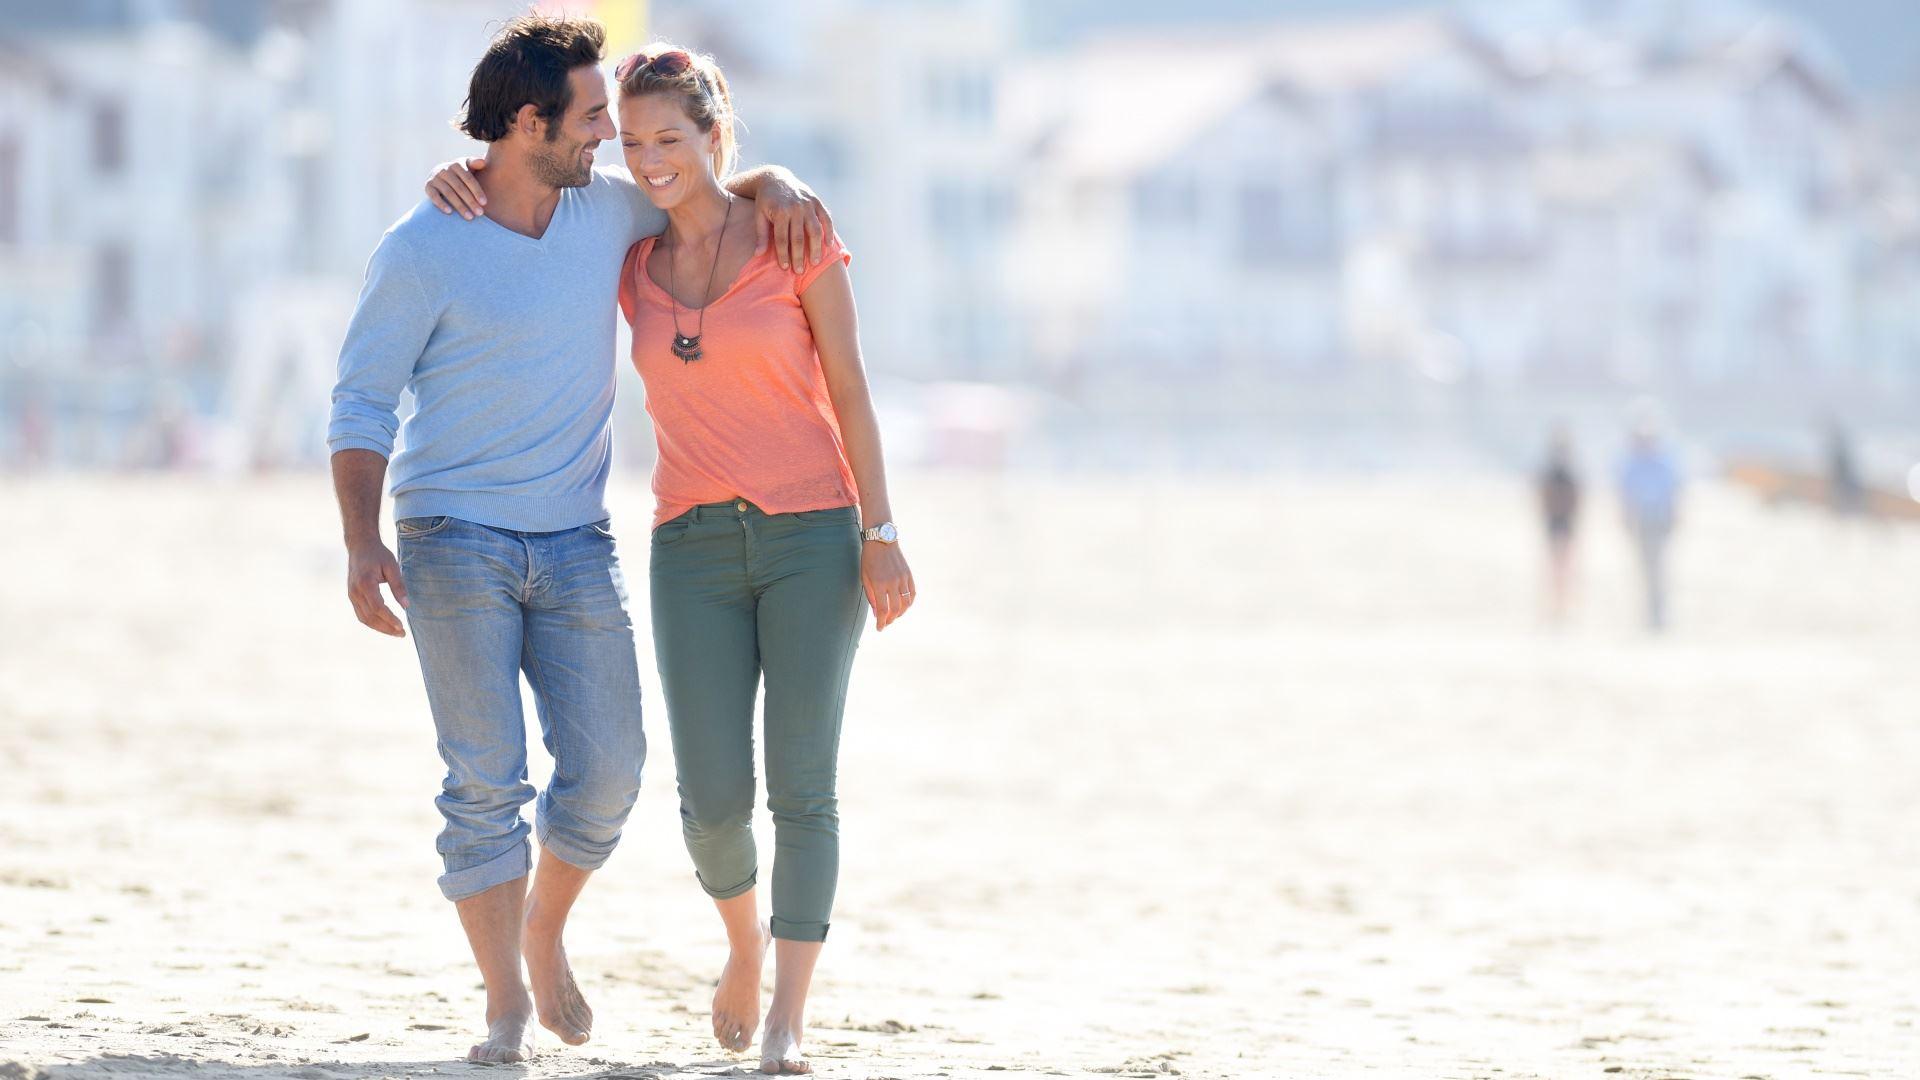 boldogság kihívás lélek párkapcsolat romantika szerelmes csók